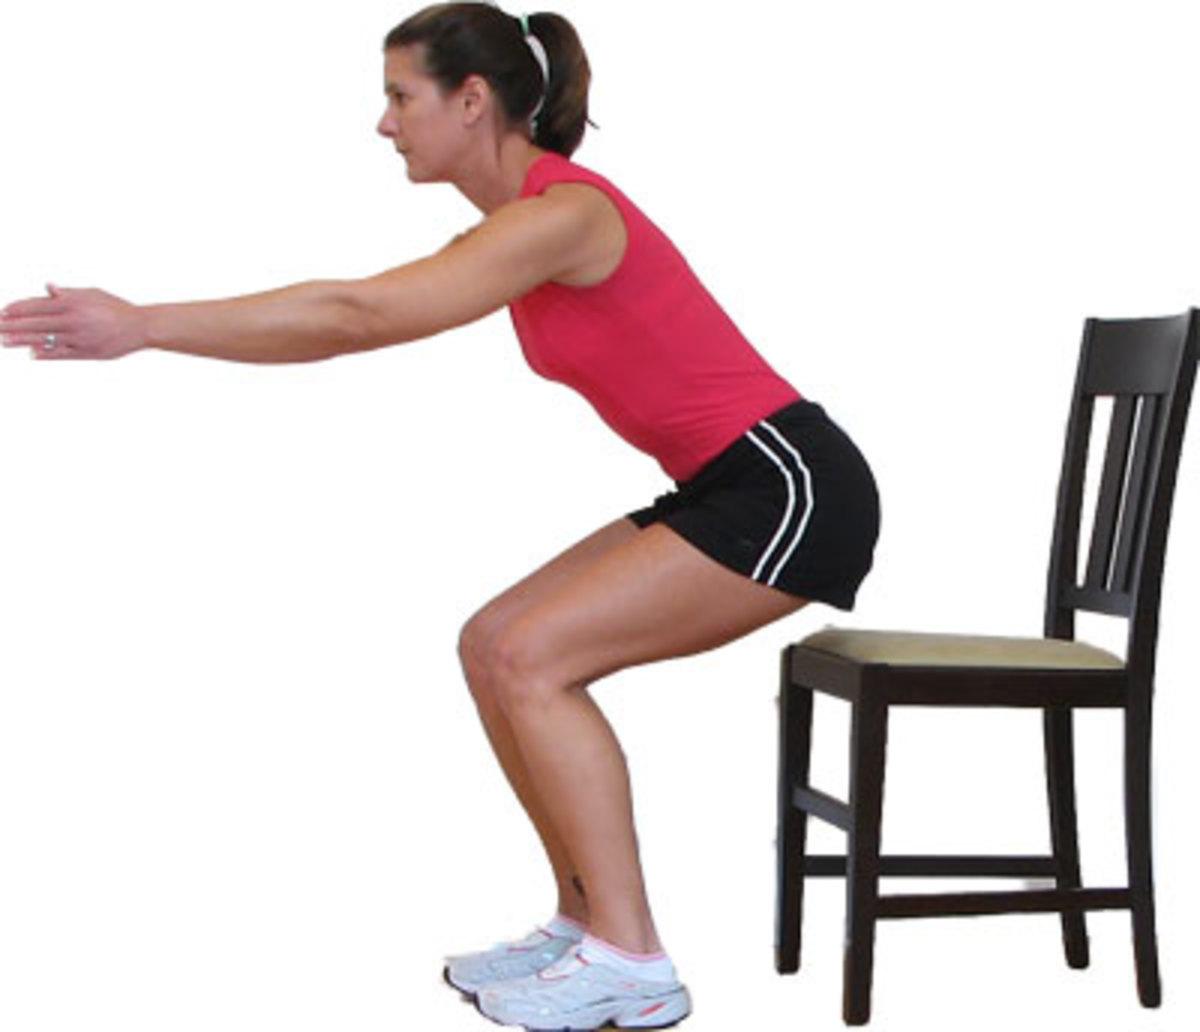 Chair squat